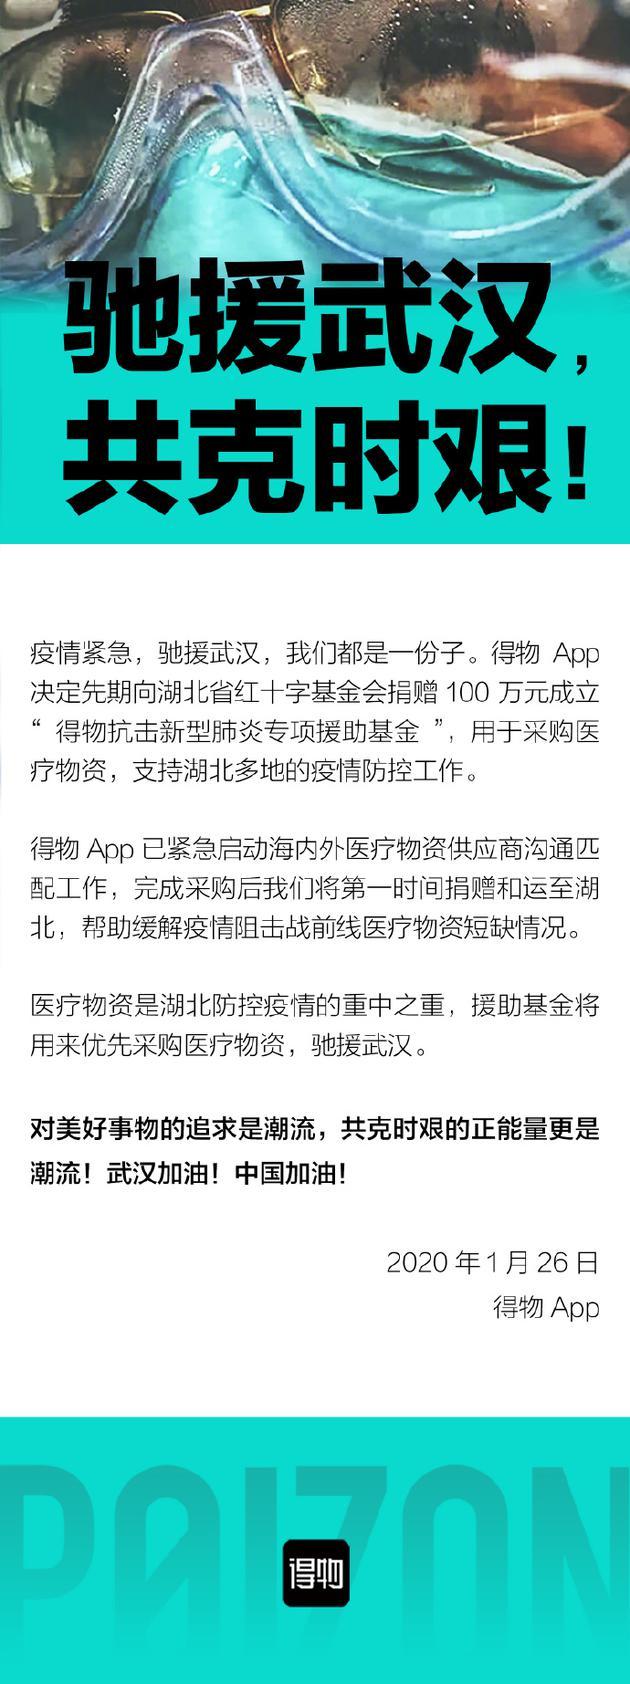 2019年度投资家榜单发布高瓴资本张磊获特别奖